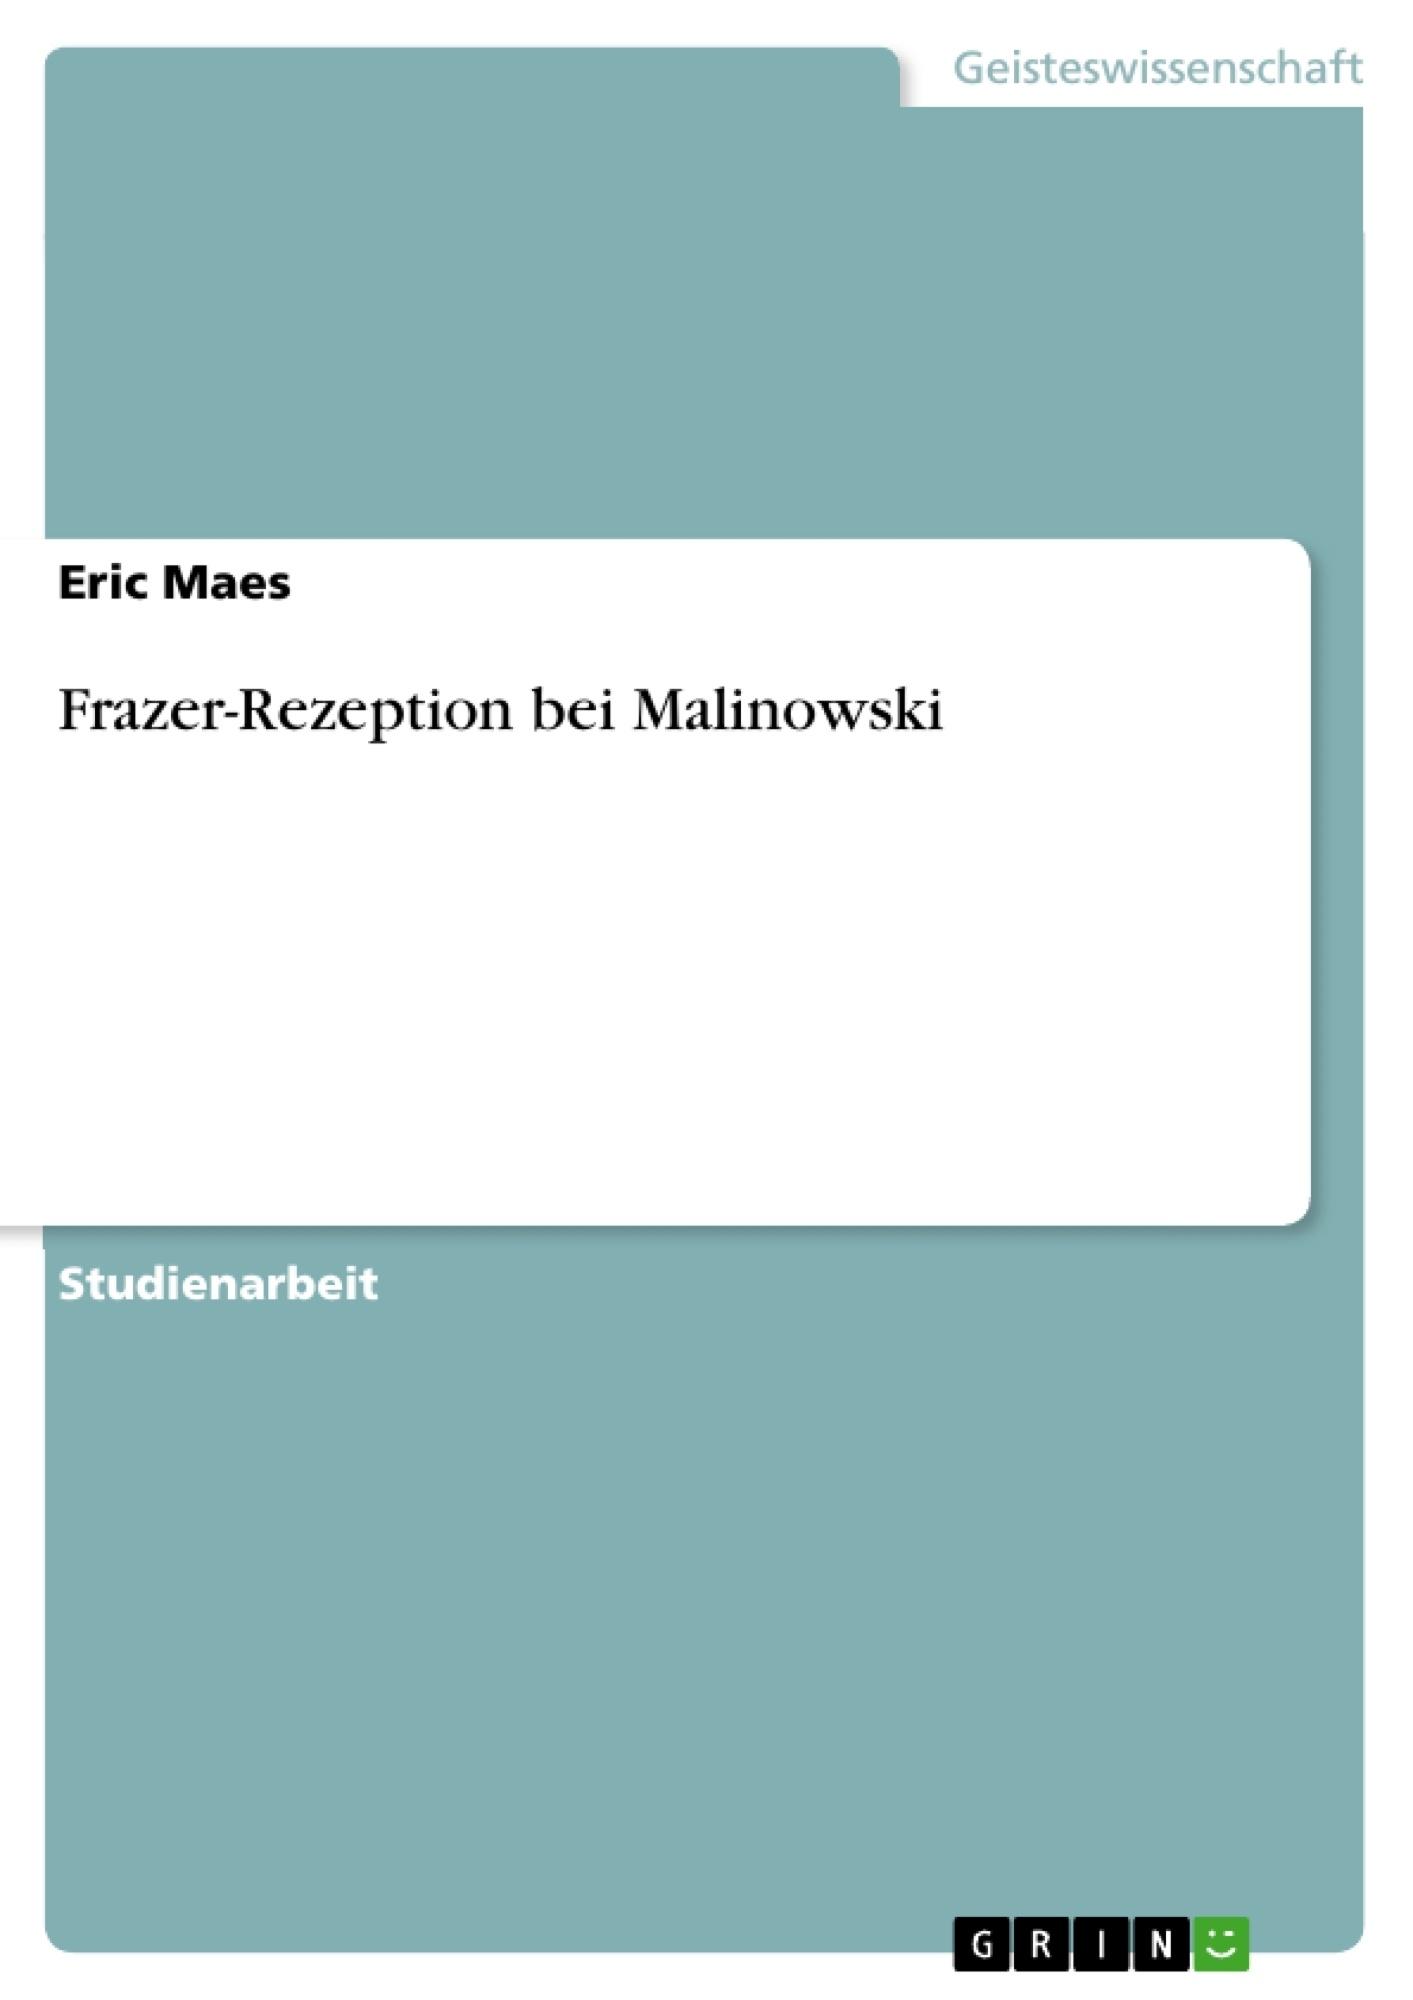 Titel: Frazer-Rezeption bei Malinowski